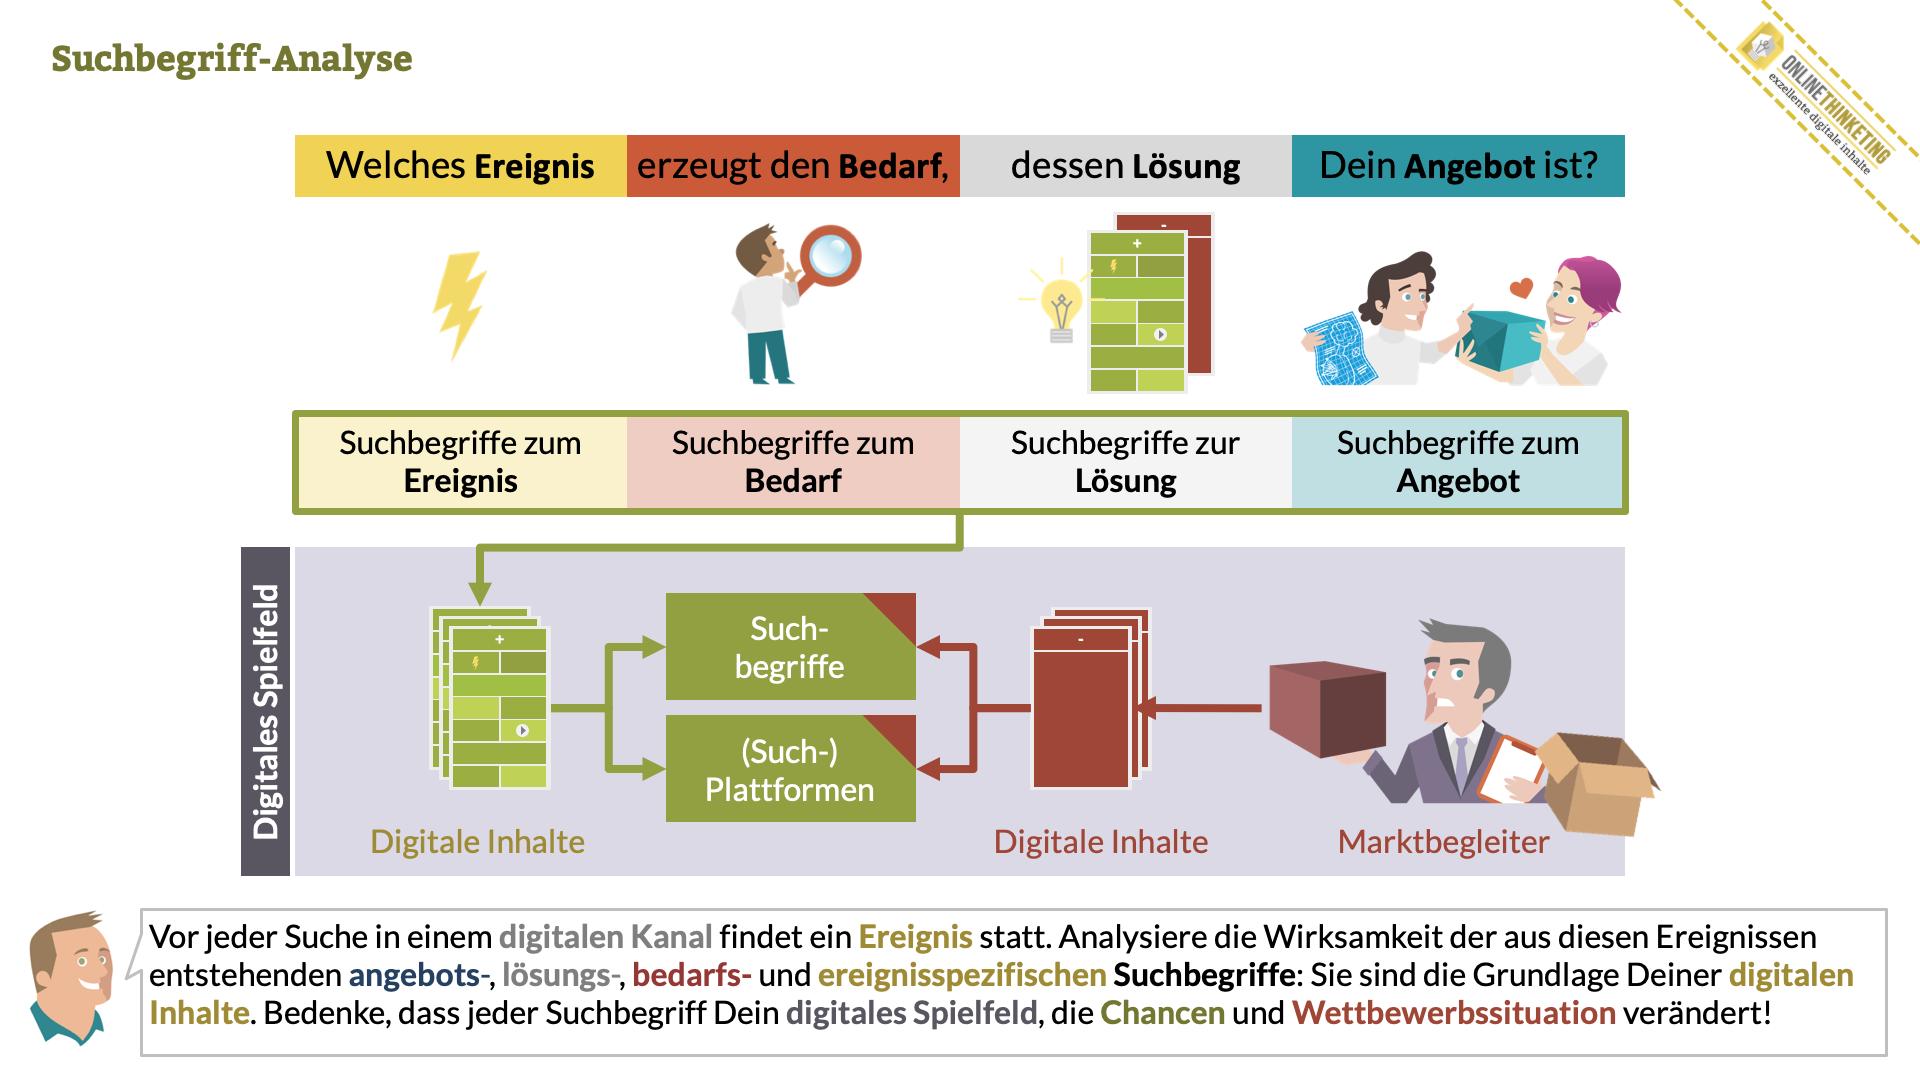 Erweiterung der angebotsspezifischen Suchbegriff-Analyse um Ereignisse, Bedarfe und Lösungen.